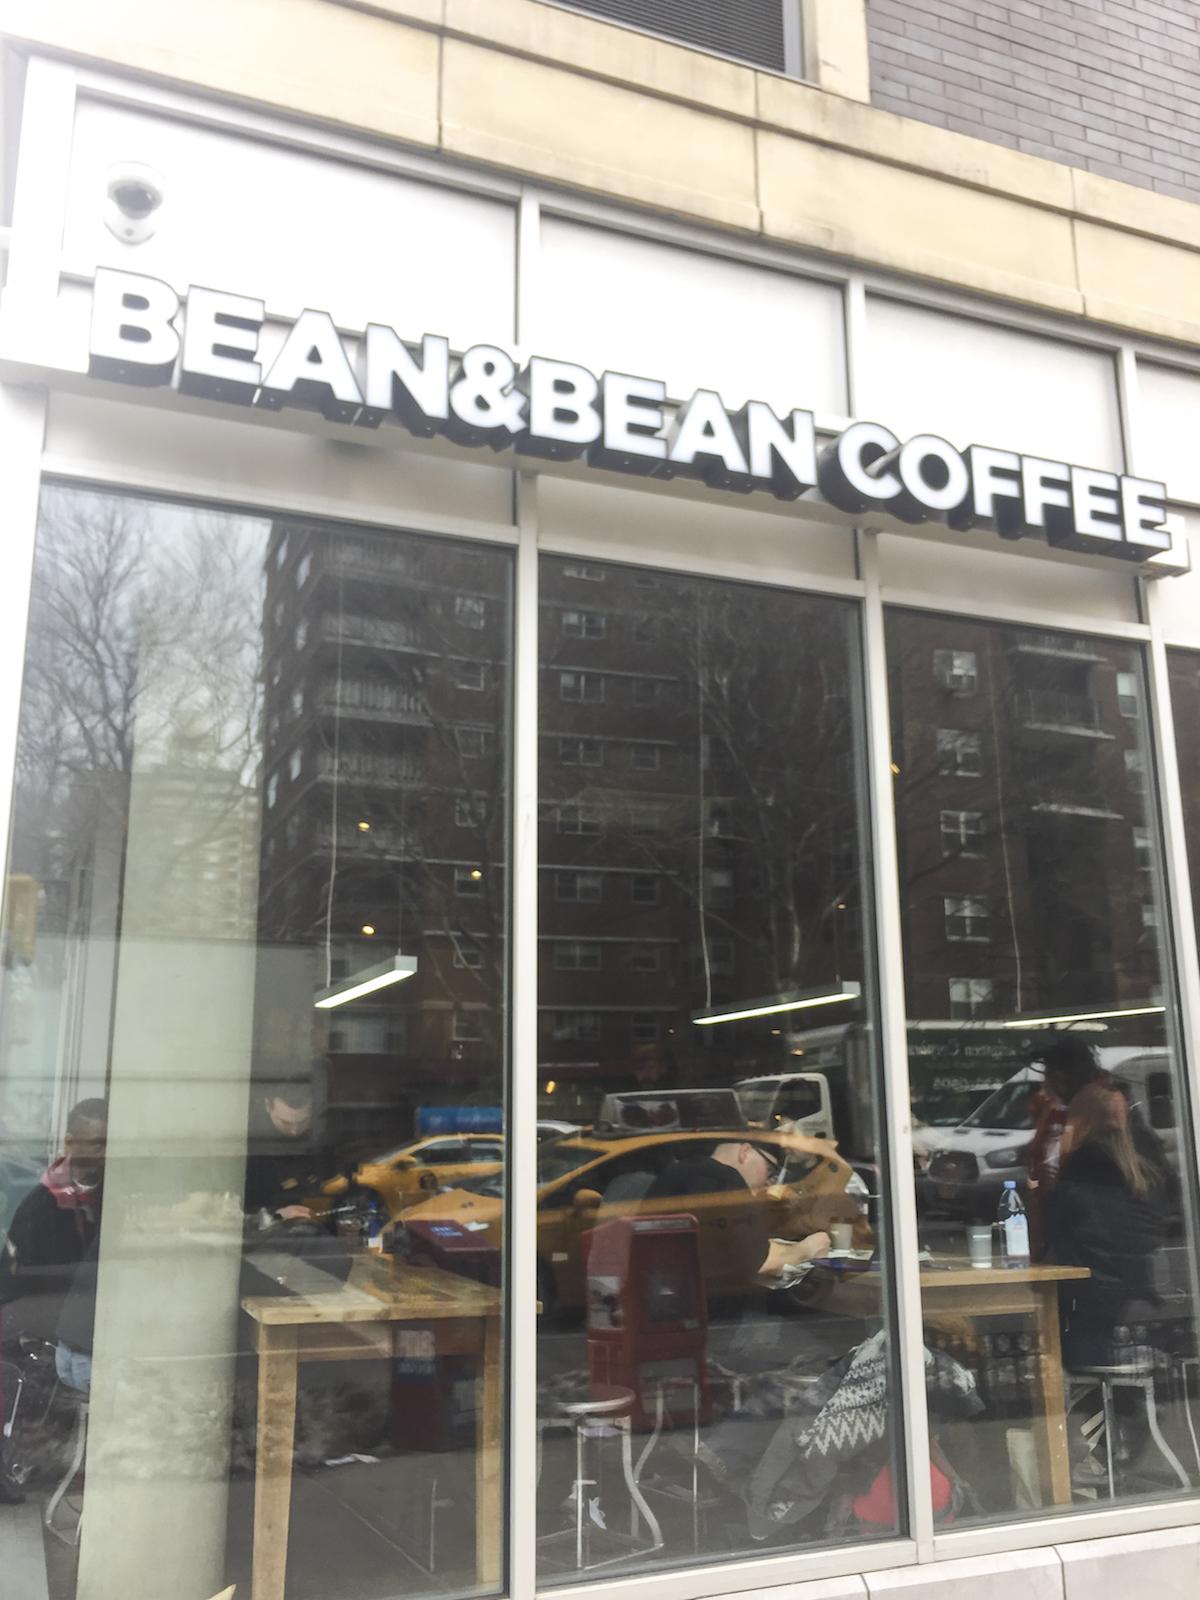 FTM_BEAN&NEAN COFFE_NYC_5